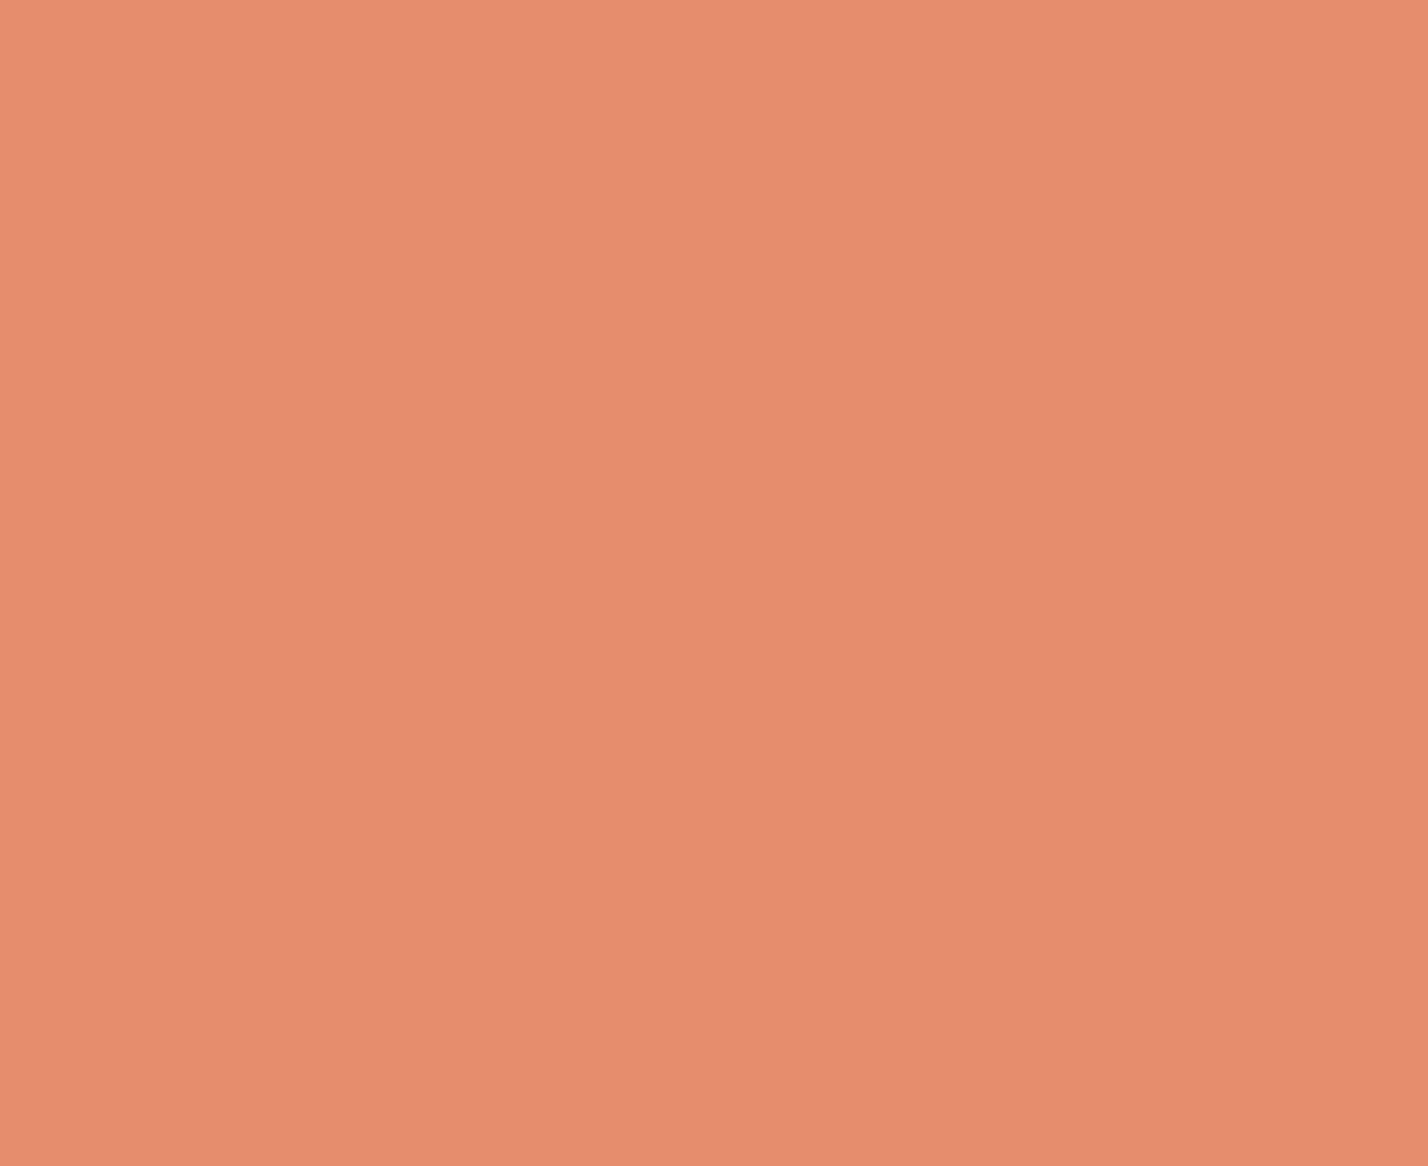 Dieses Orange ist die Kontrastfarbe im Corporate Design von Flyer Texter Tim Allgaier